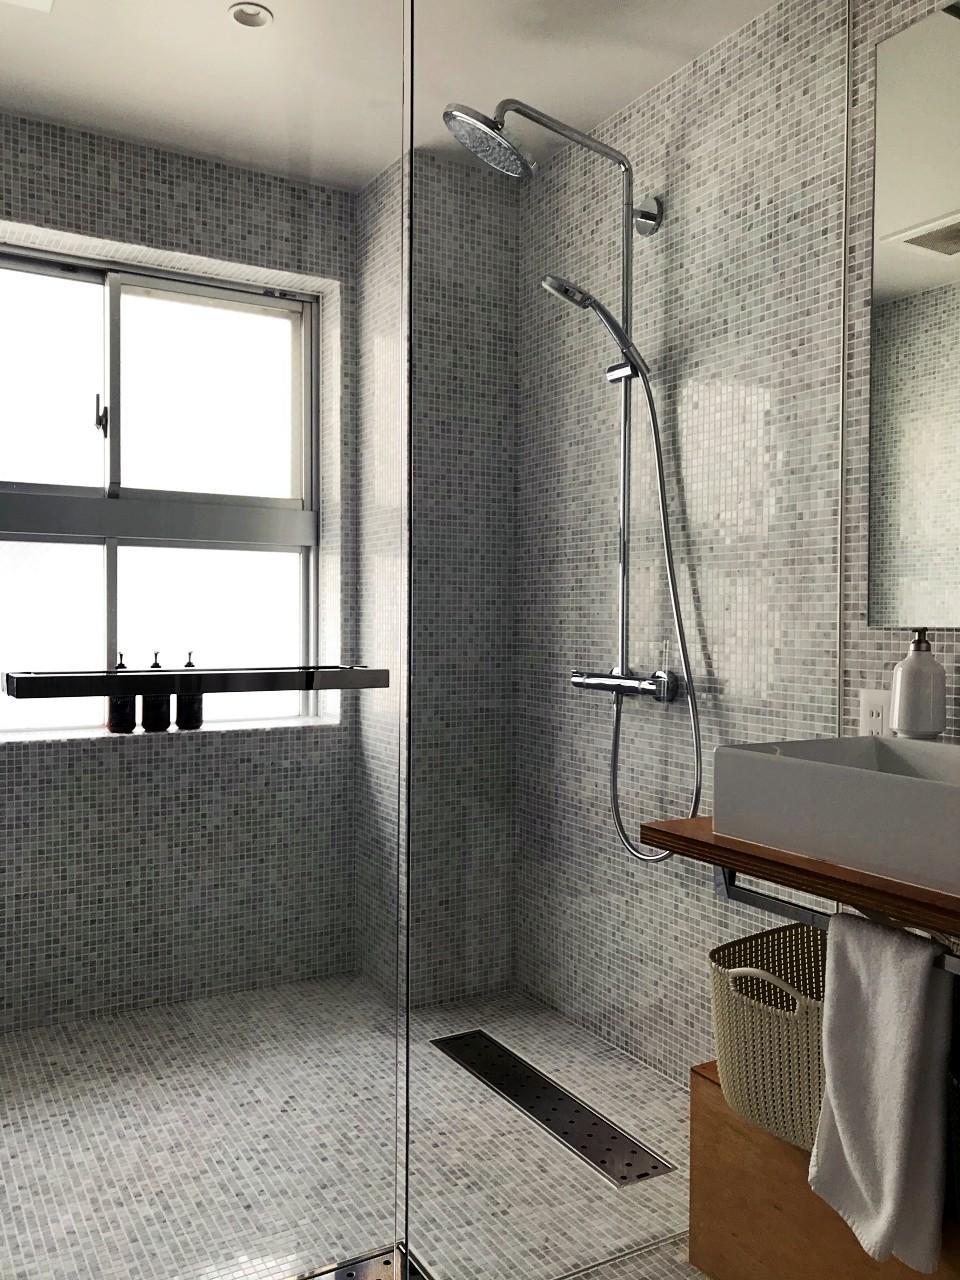 シャワータイプの部屋もあります